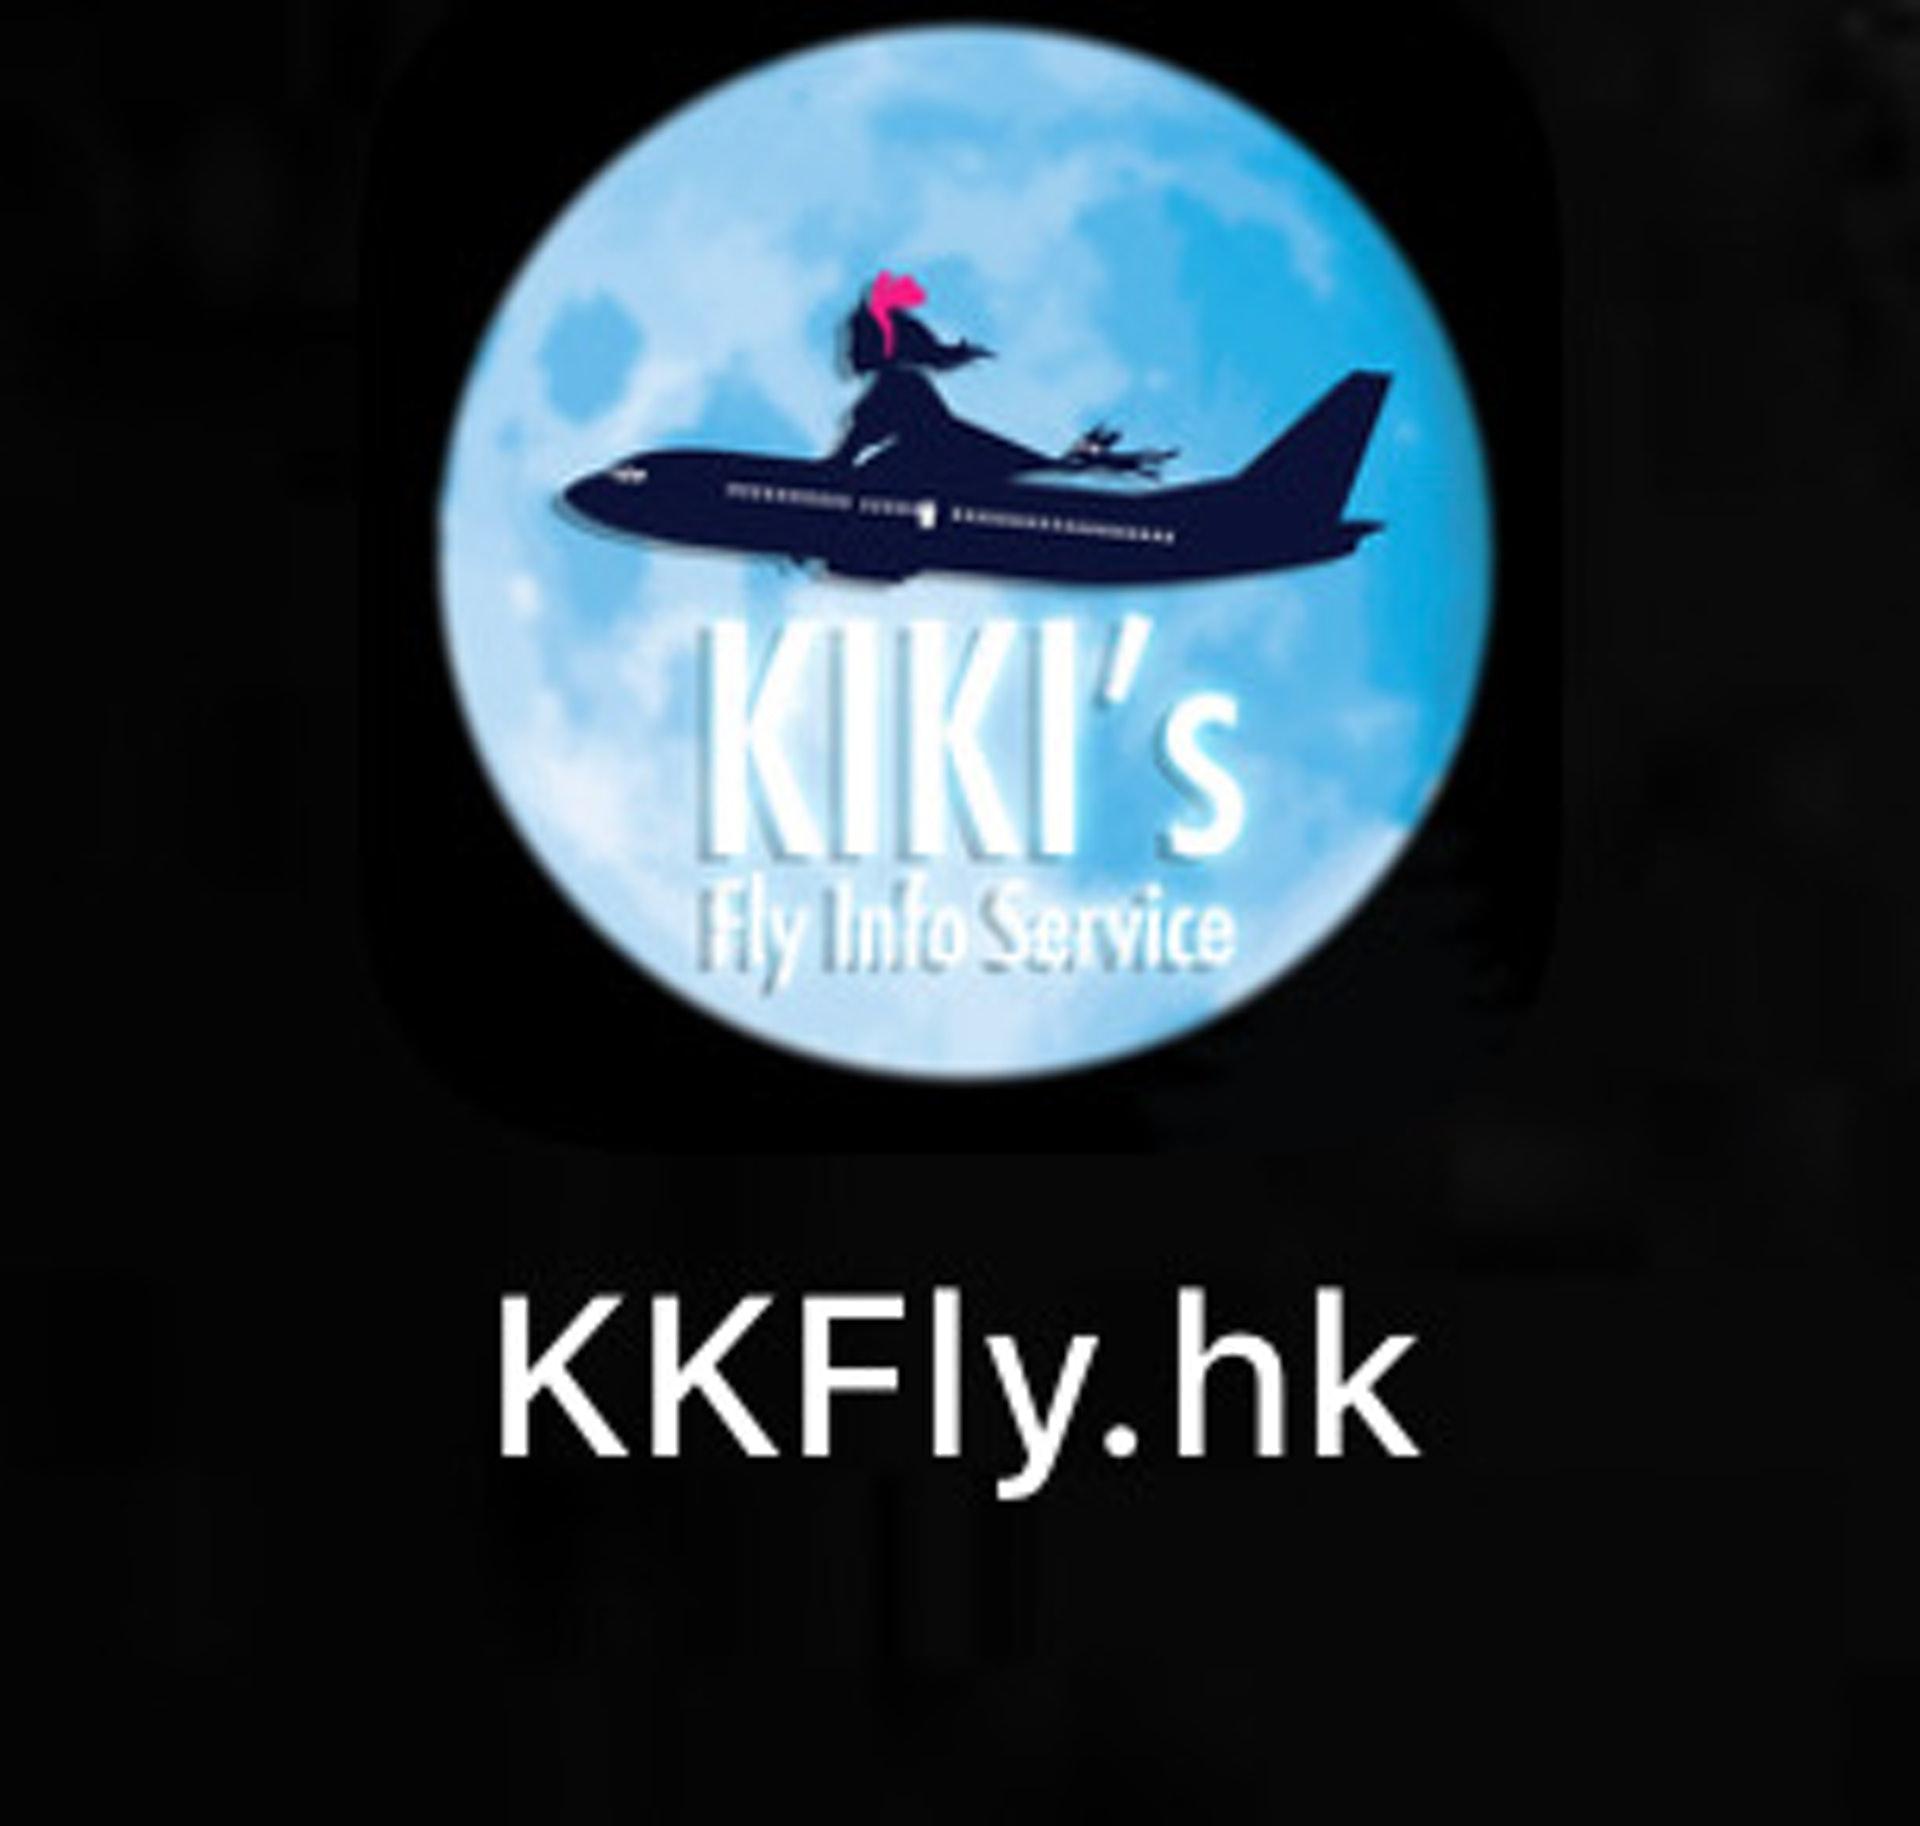 手機應用程式 KKFly 除咗提供旅遊優惠情報,仲可以幫你撲演唱會飛!